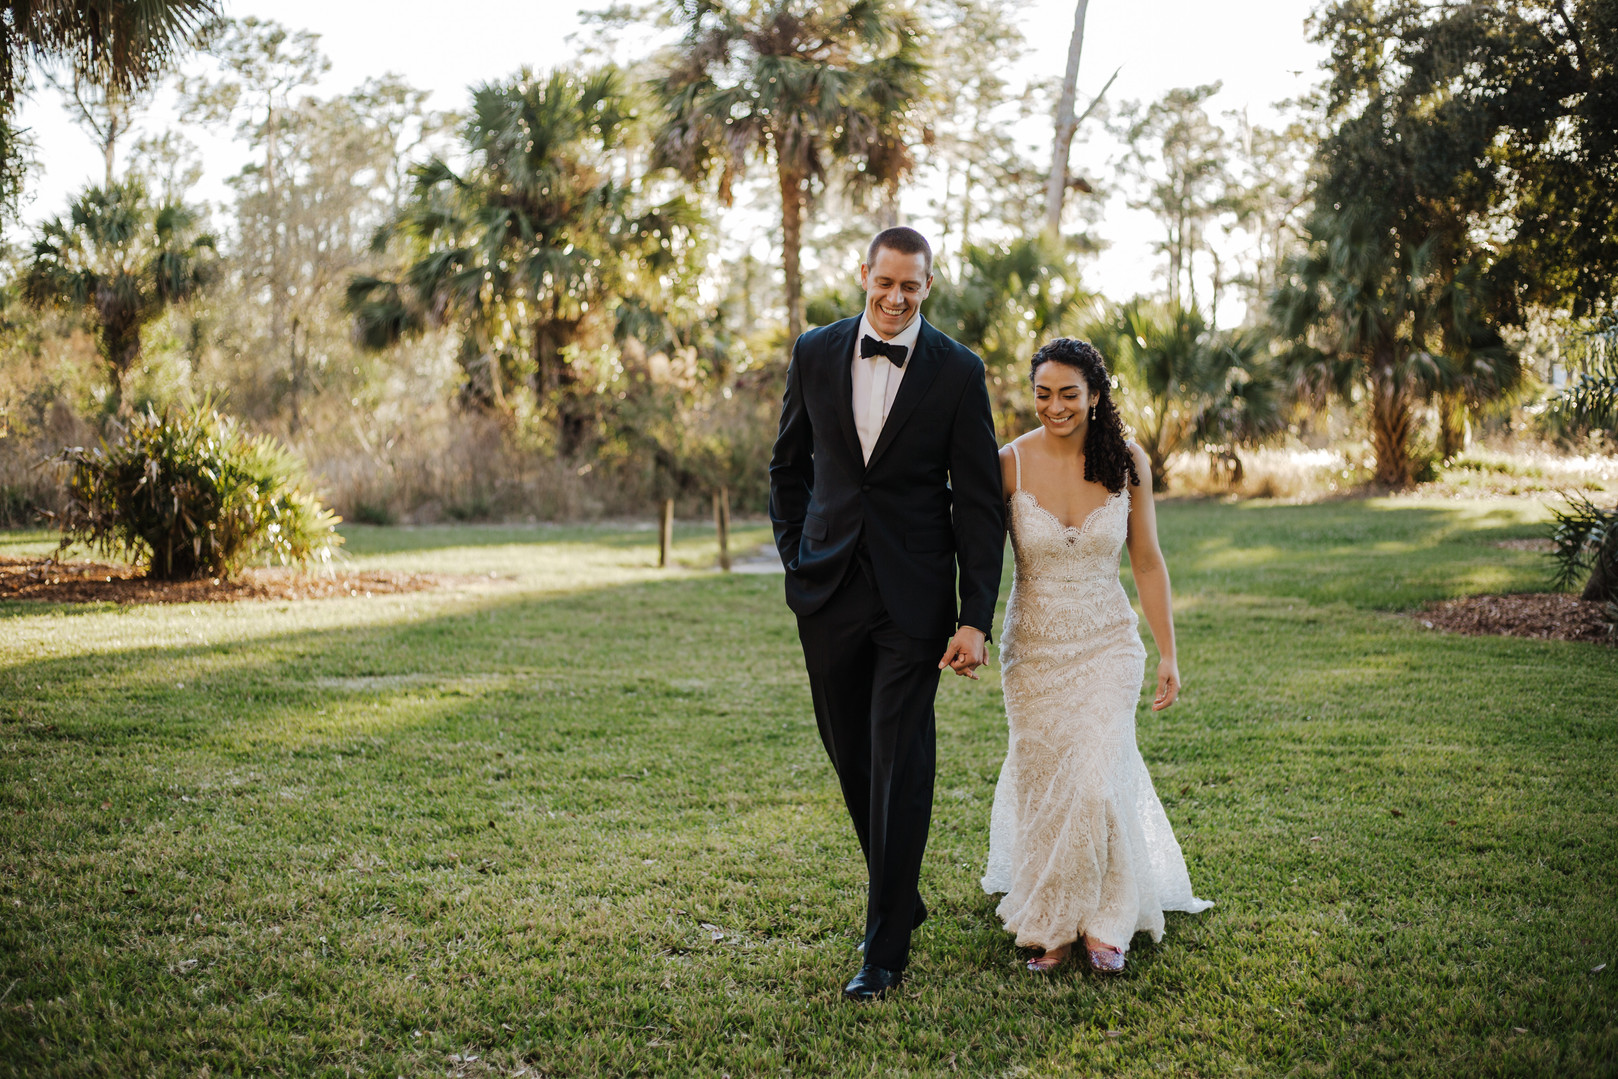 wedding day central florida photos